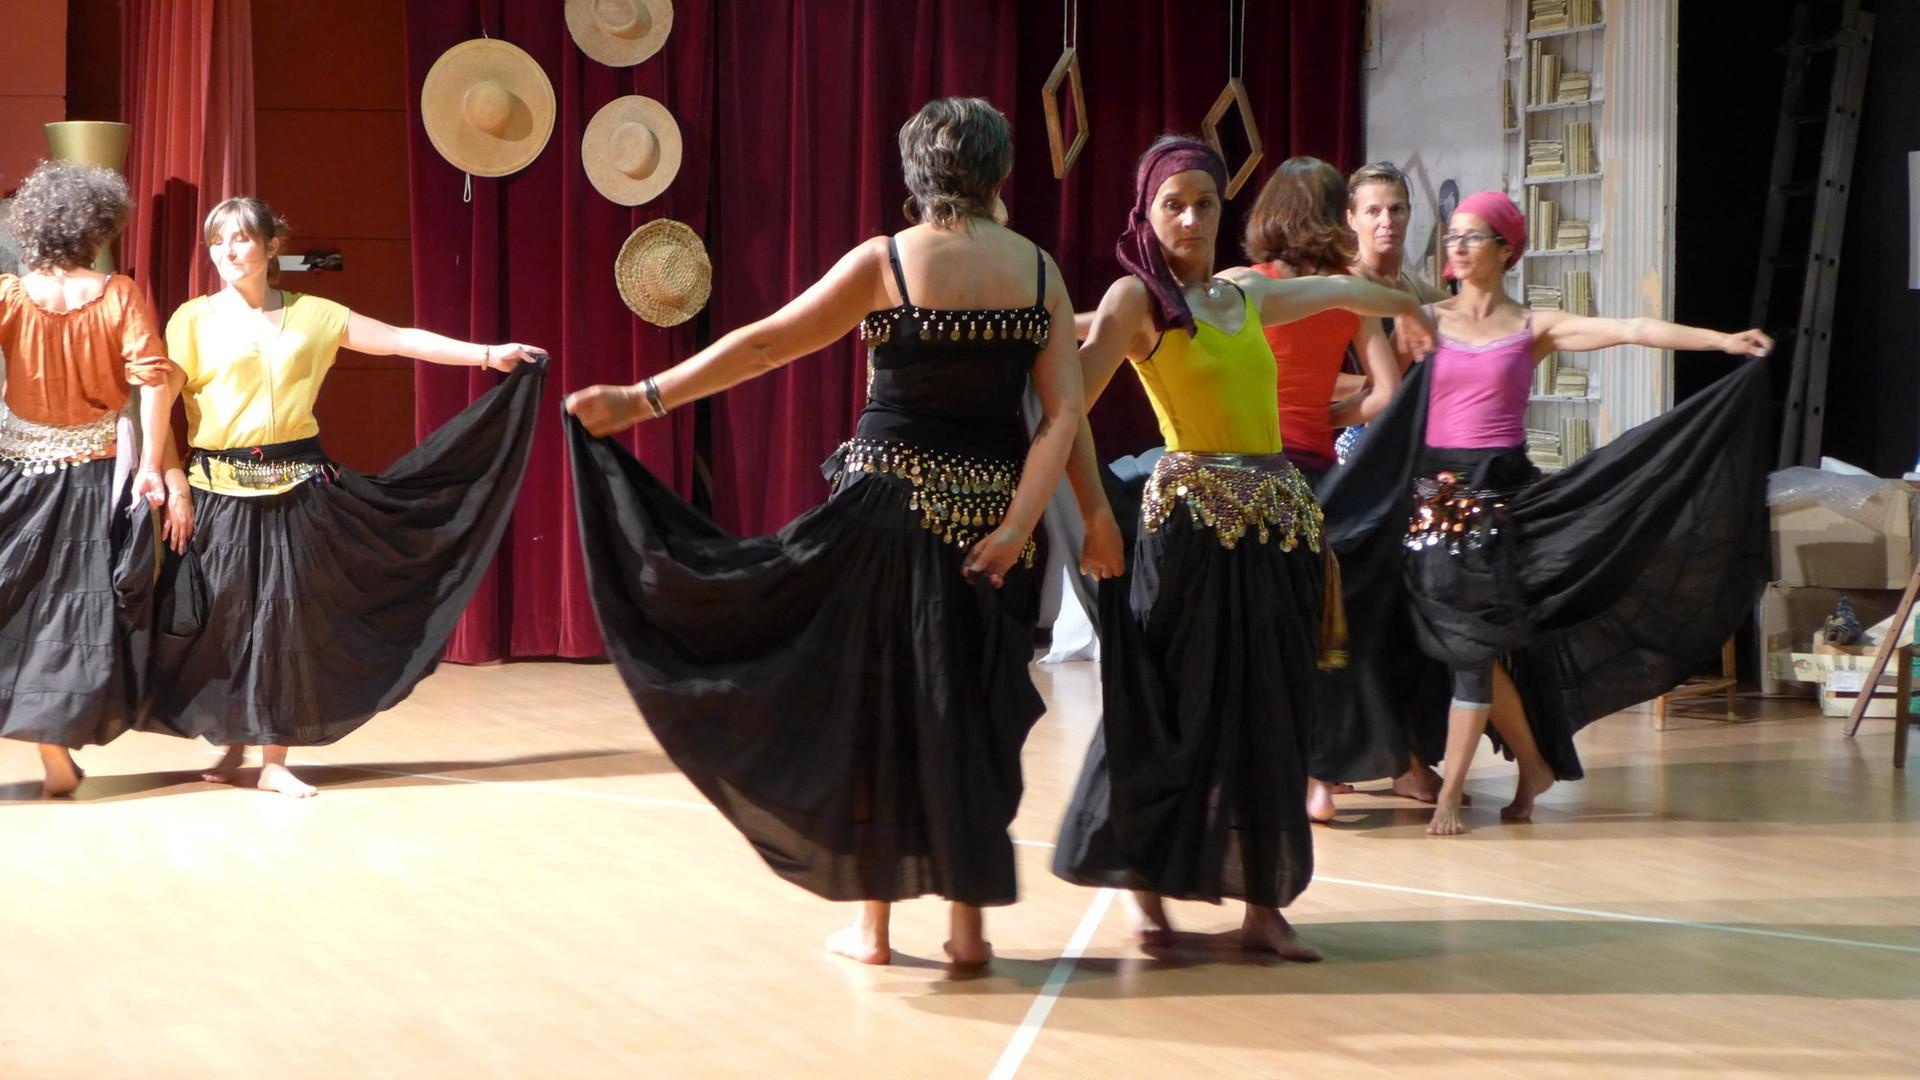 2018-06-11-21h23 Danse dans l'Atelier.JPG